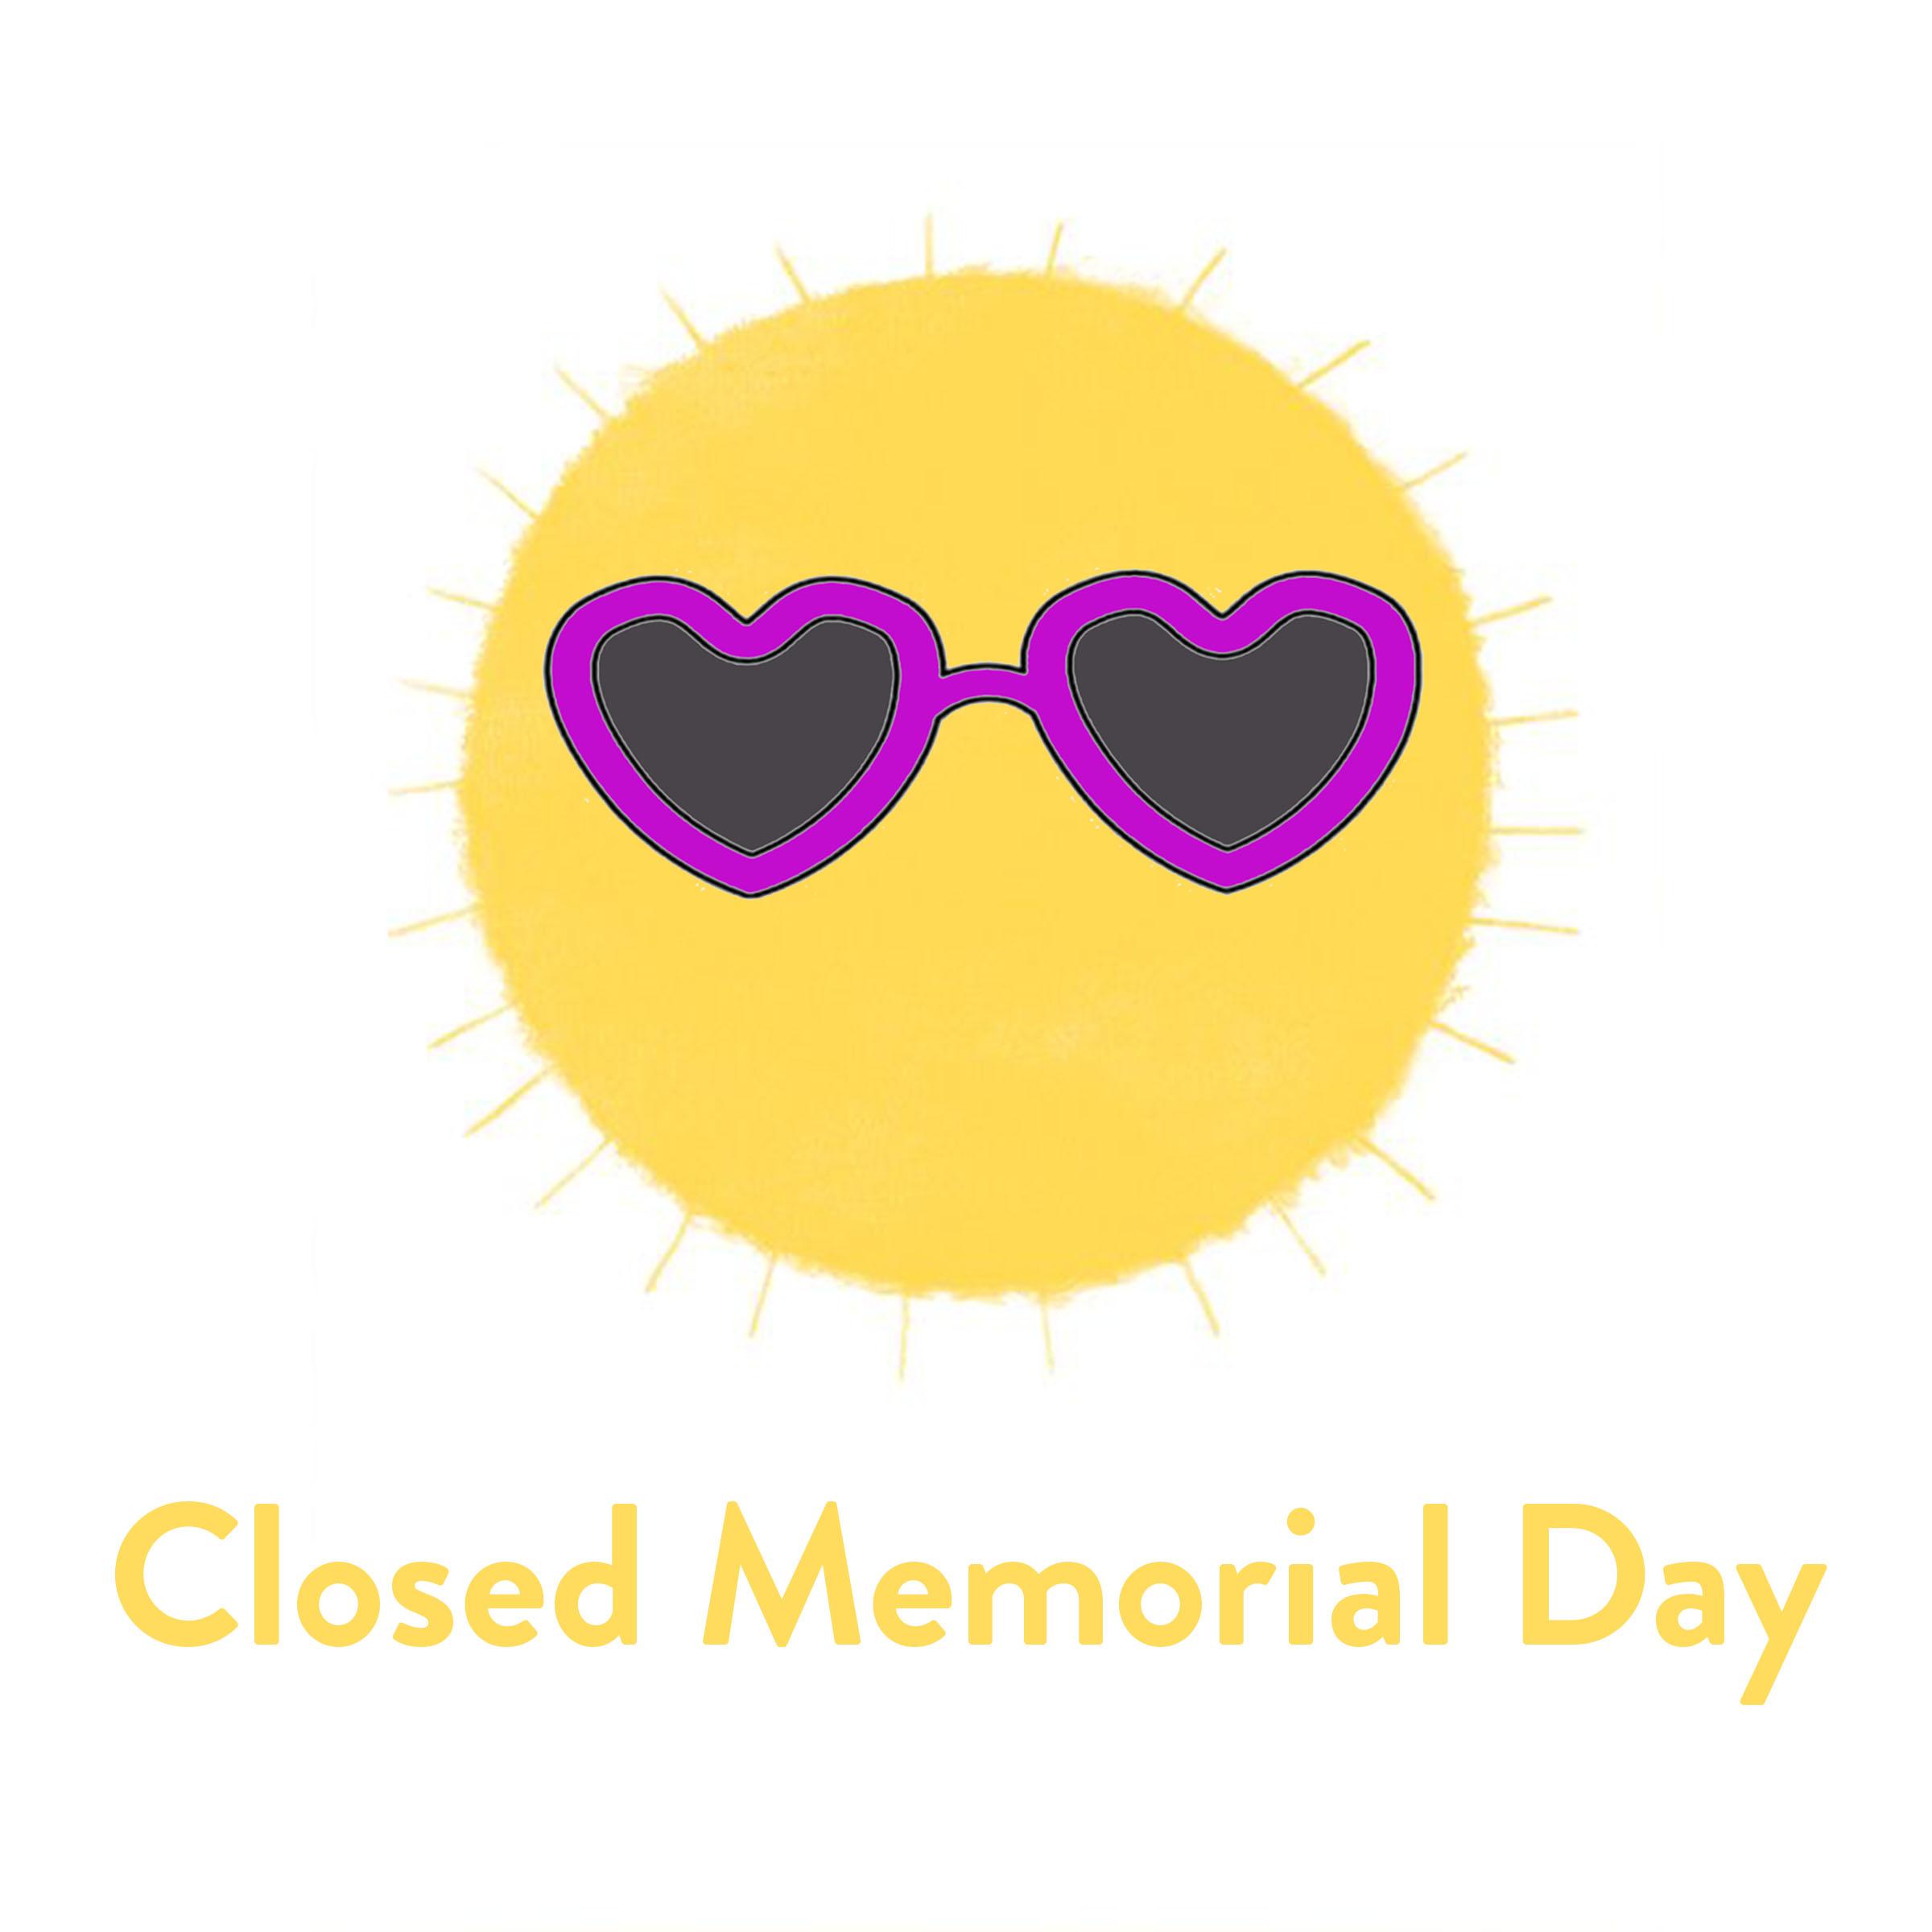 mem-day-closed-post.jpg